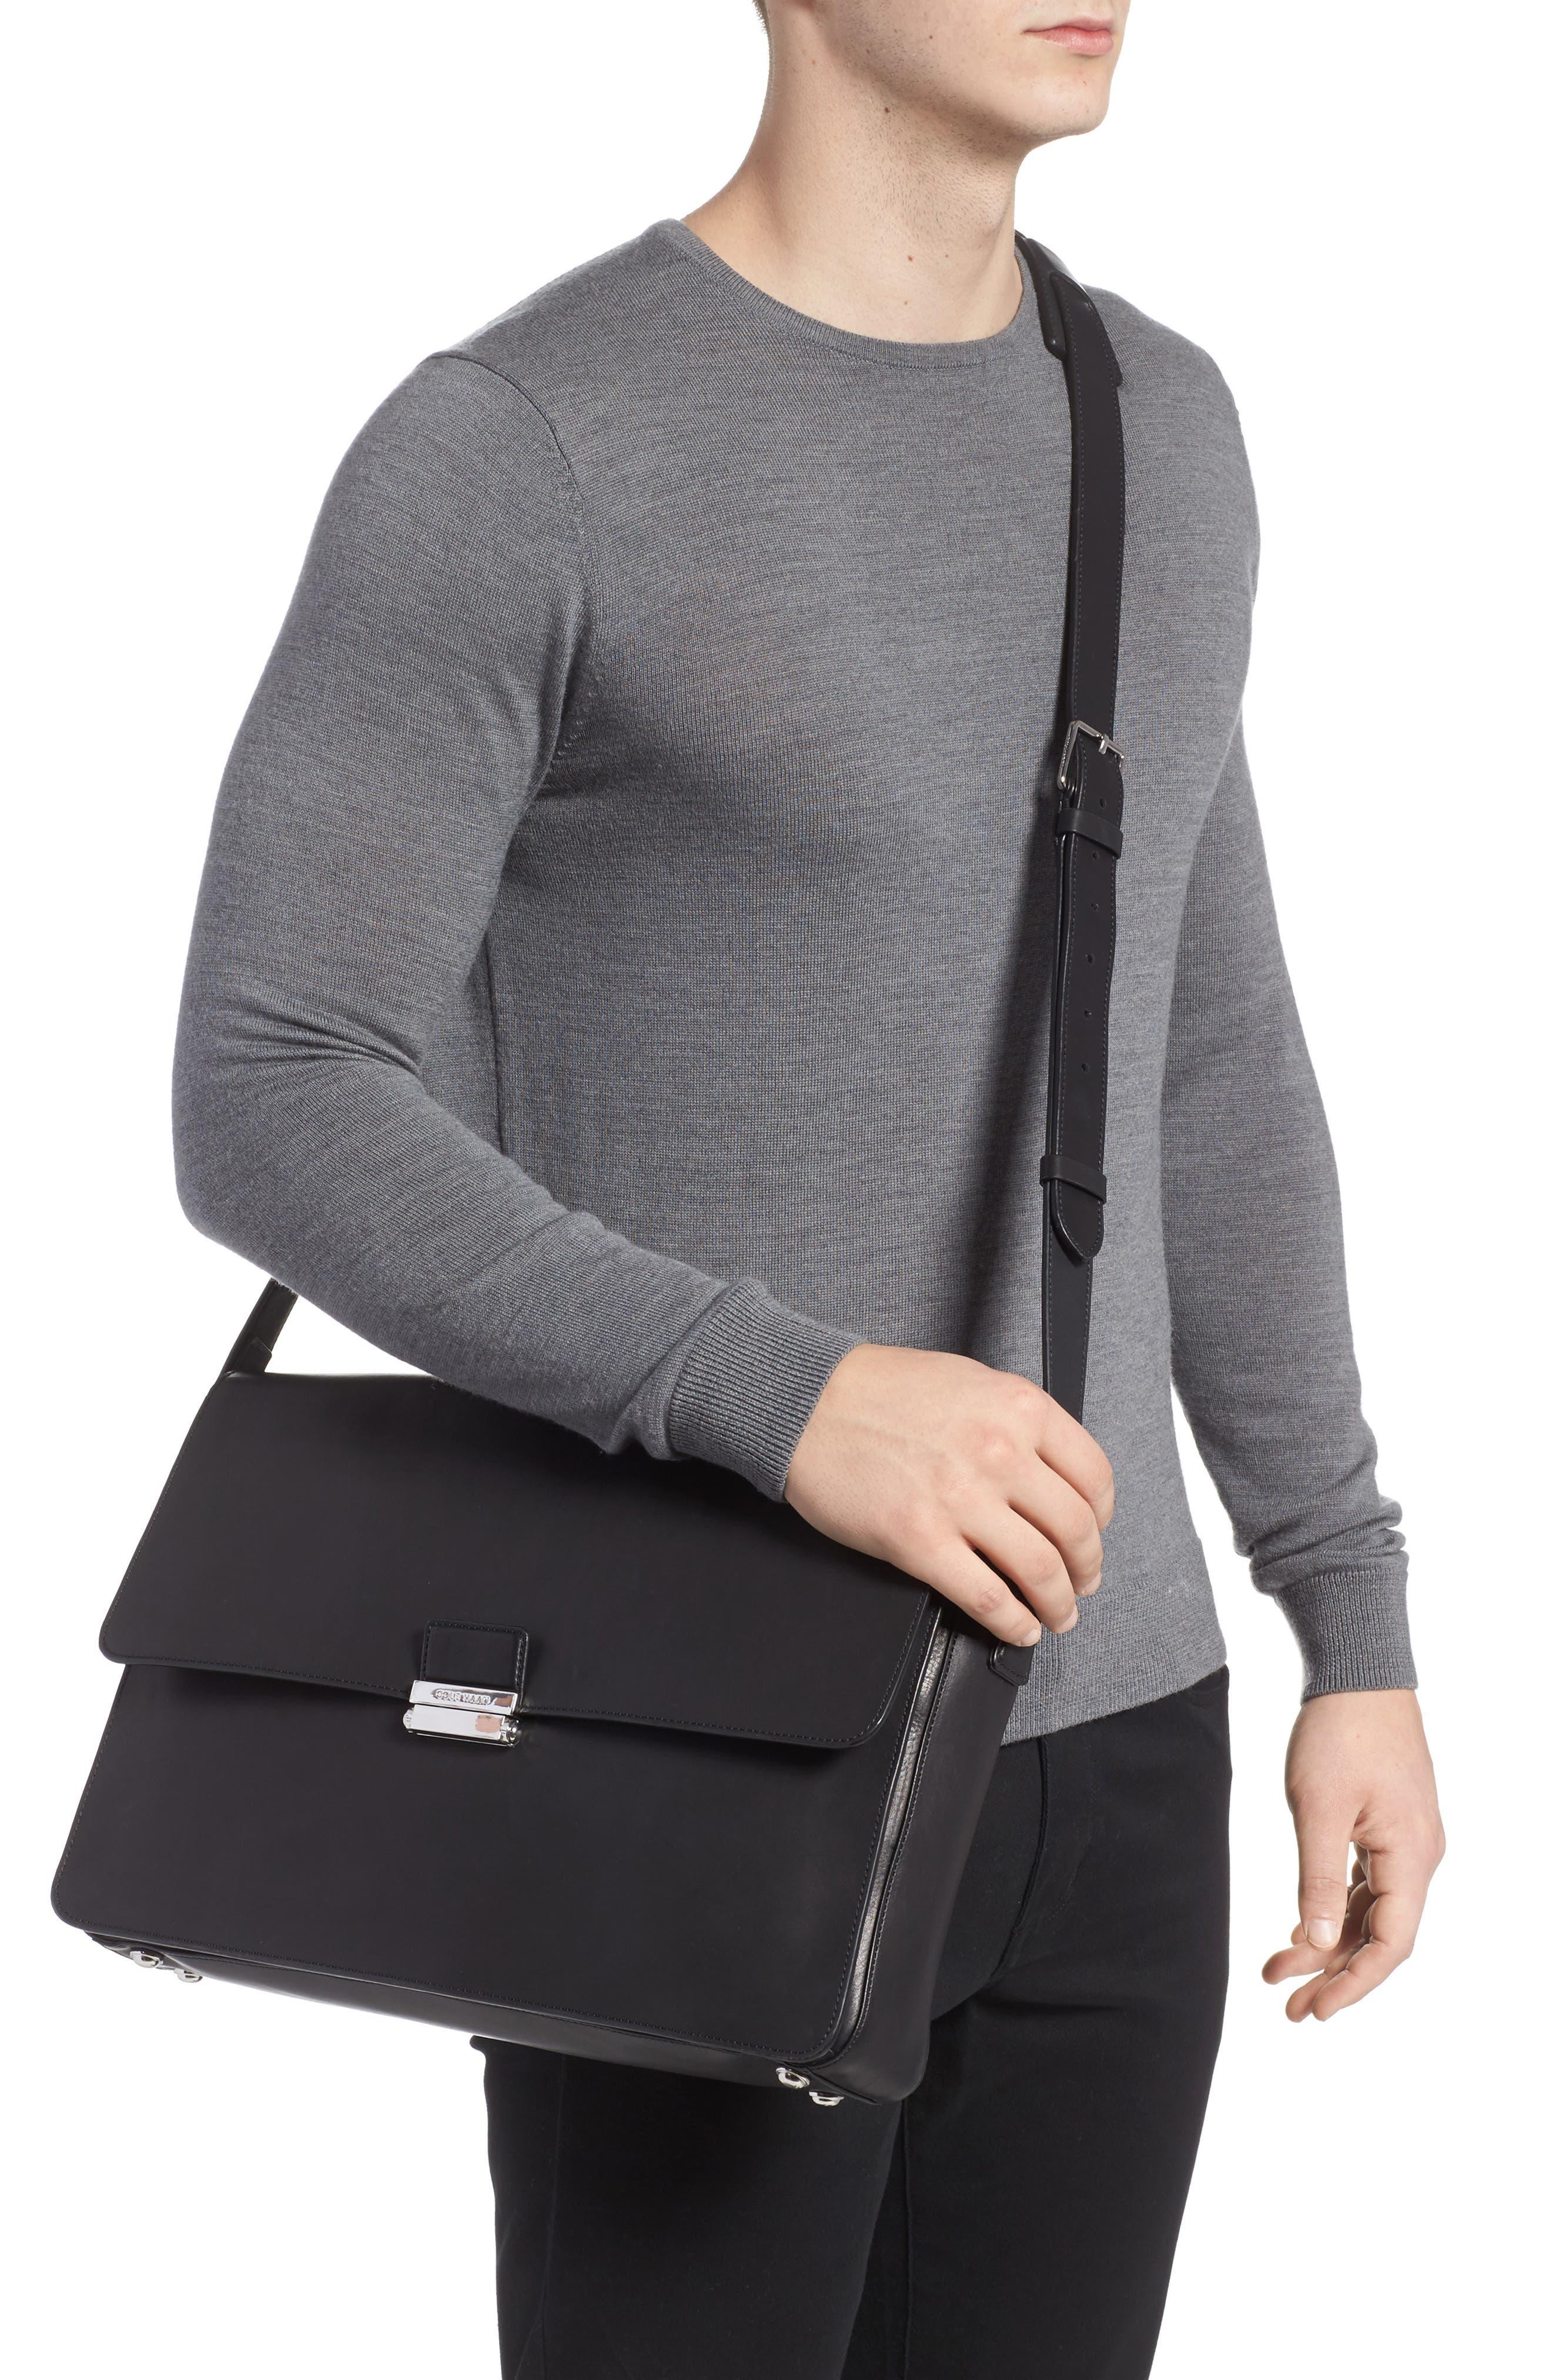 Brayton Leather Messenger Bag,                             Alternate thumbnail 2, color,